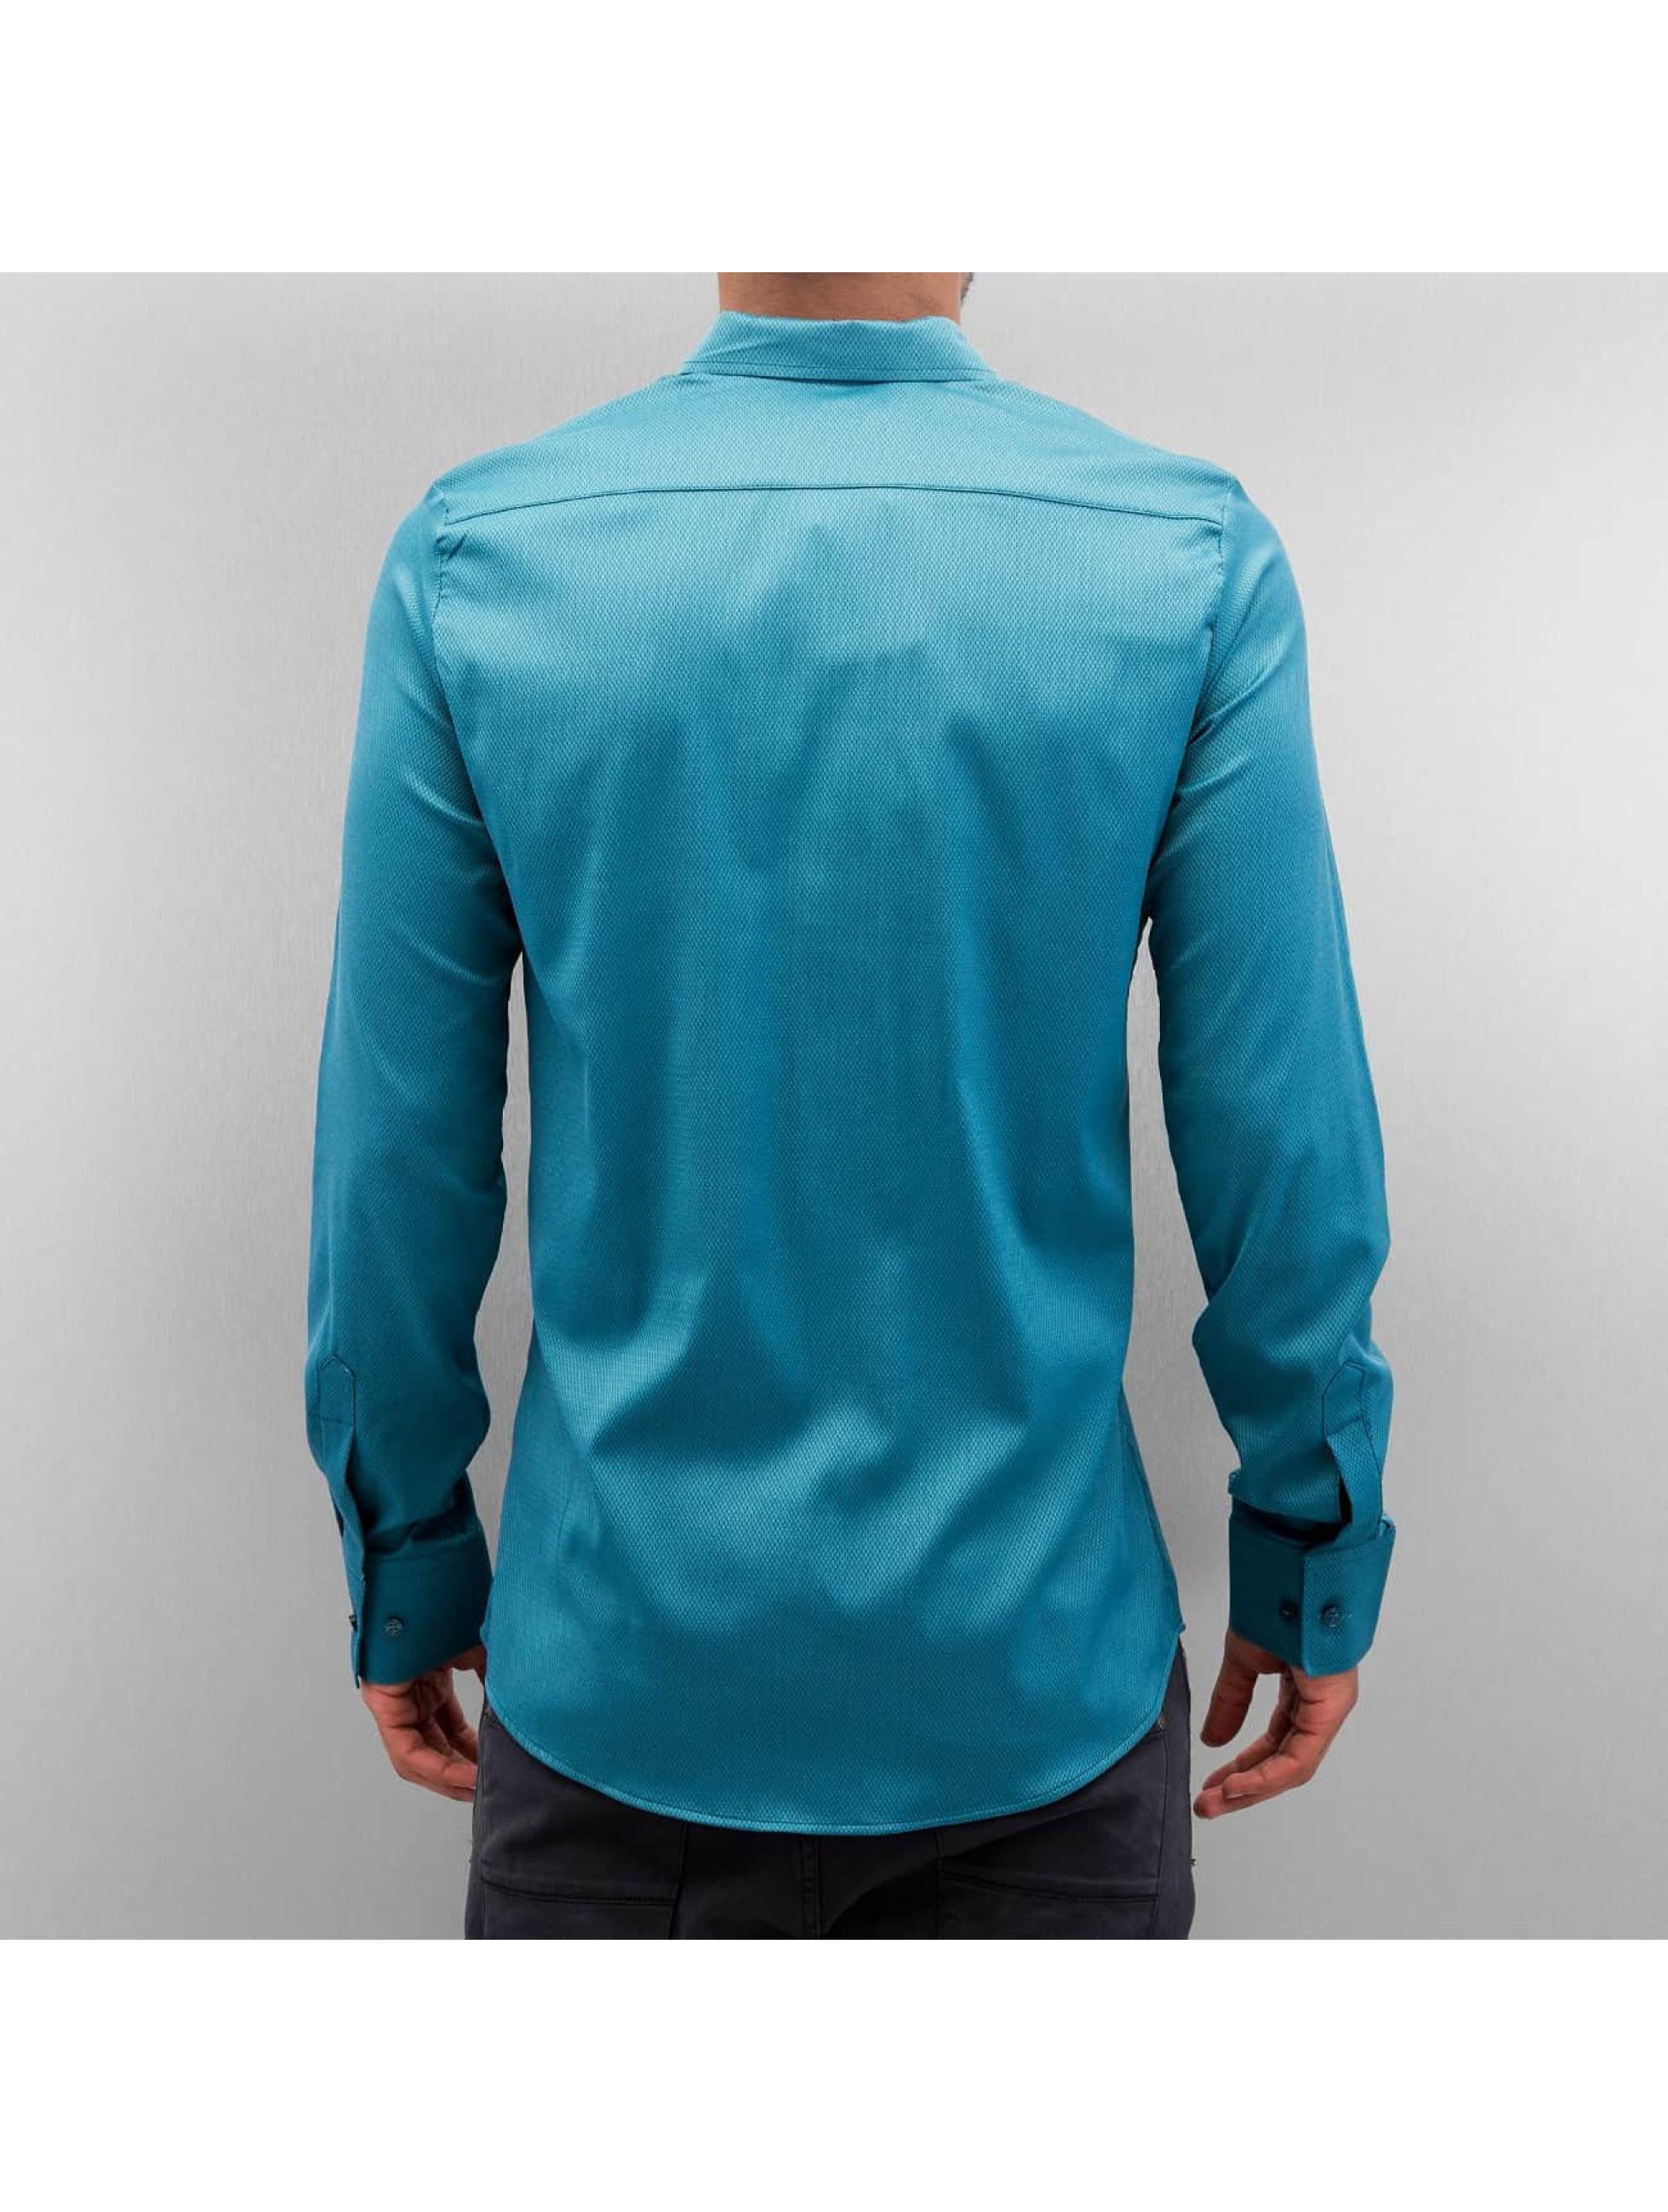 Open Koszule Rio turkusowy